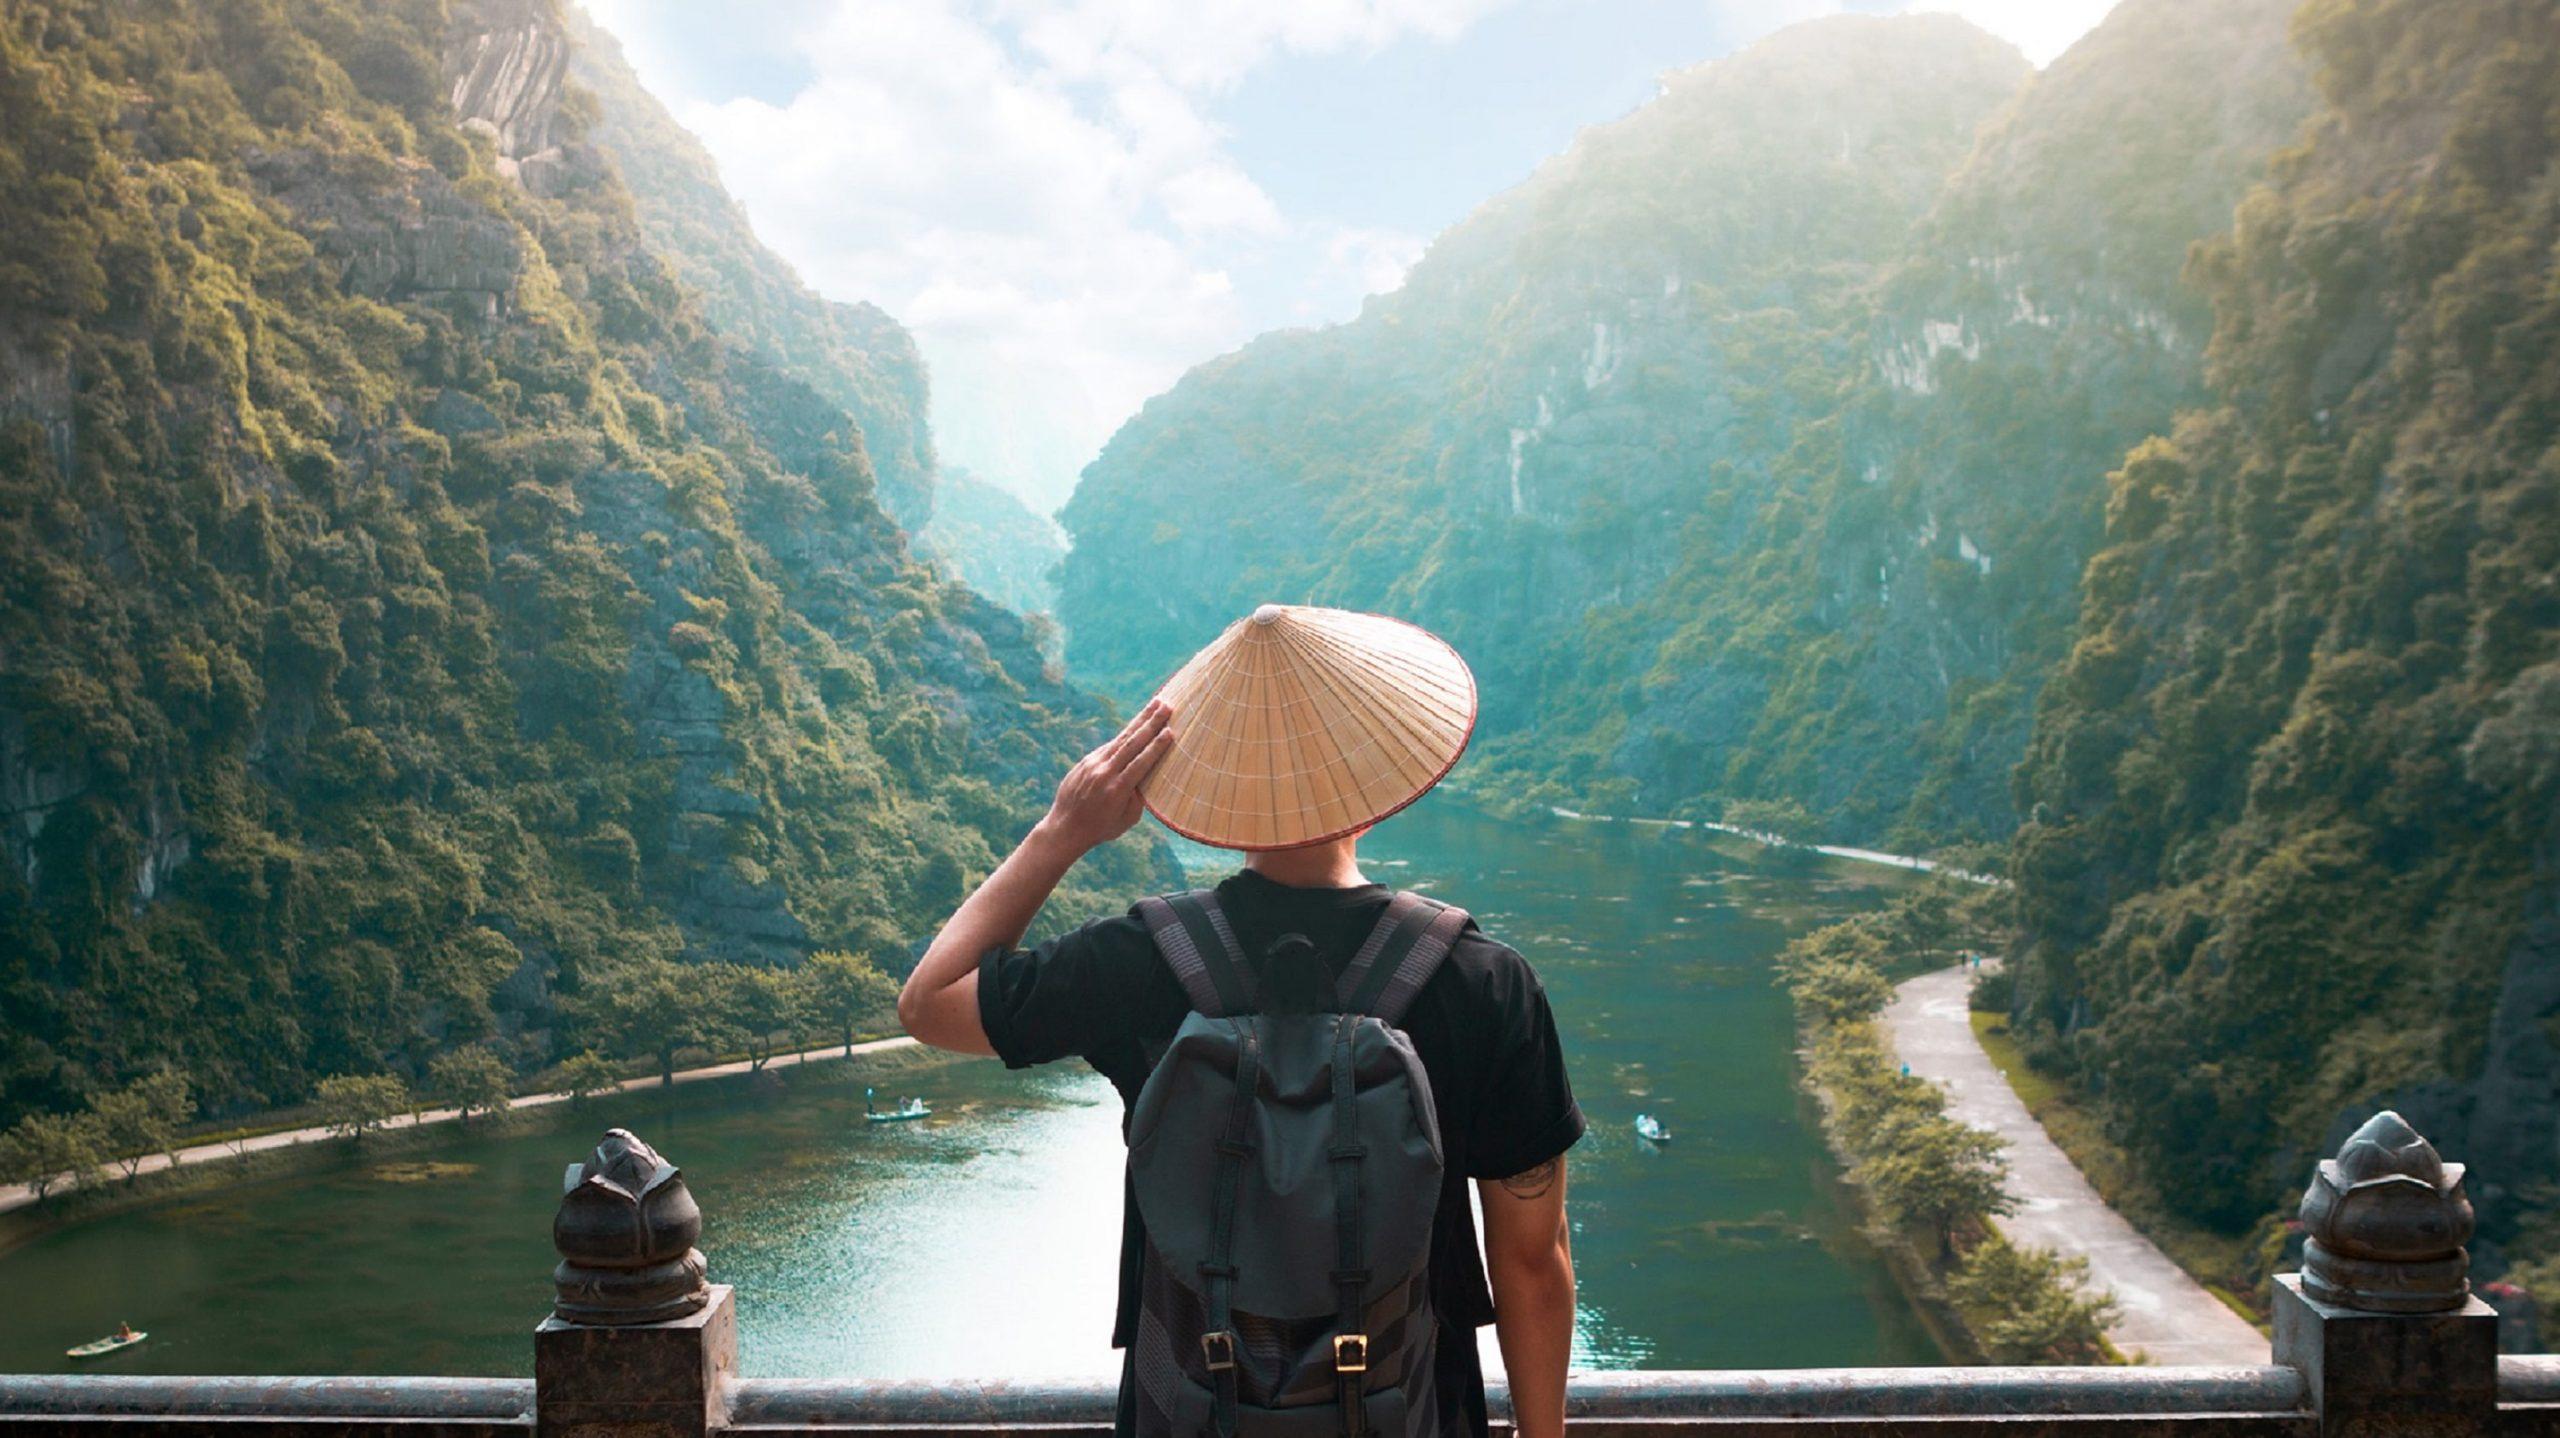 ООН: международный туризм восстановится в следующие 2-3 года